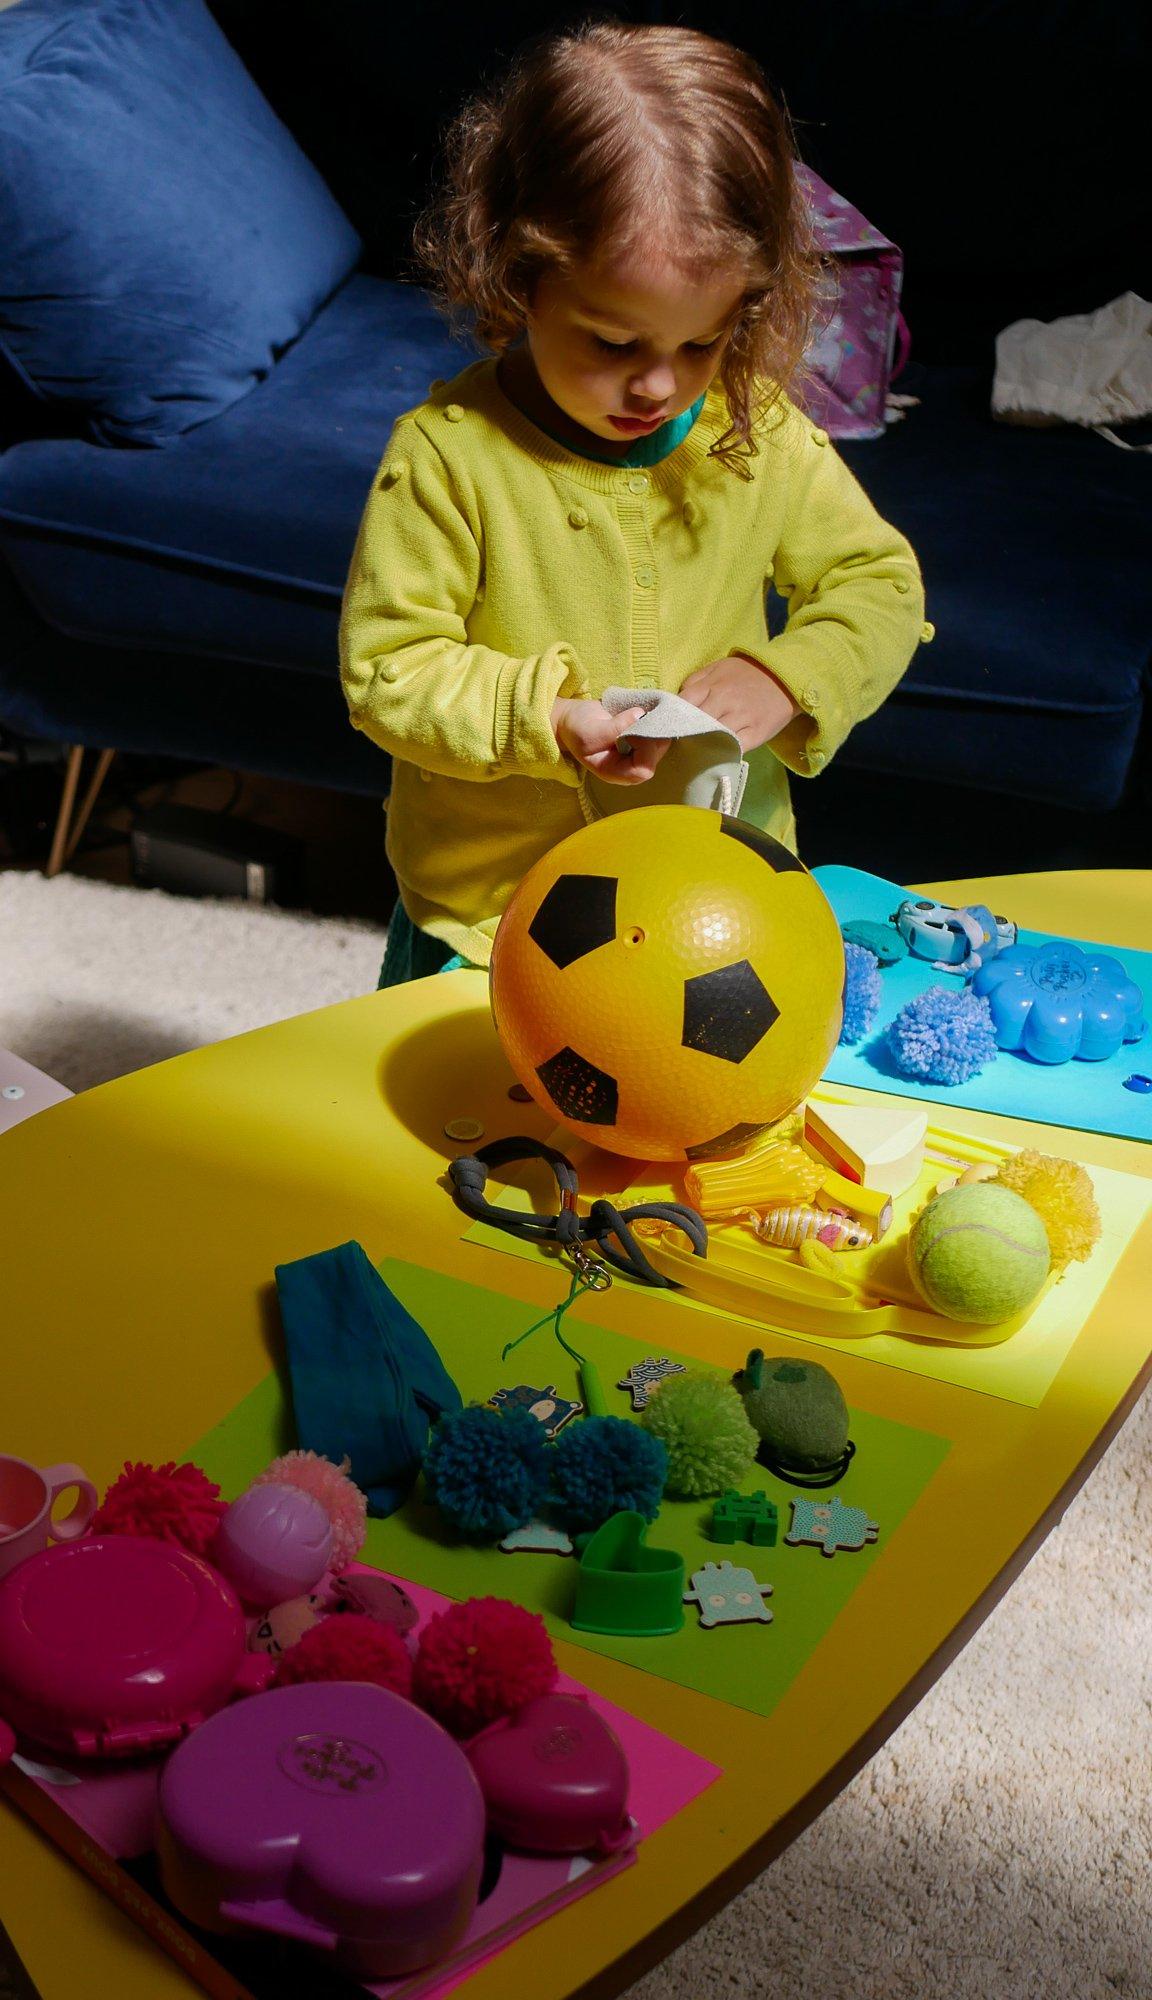 Idées D'activités Pour Un Enfant De 3 Ans - With A Love Like dedans Activité 2 3 Ans